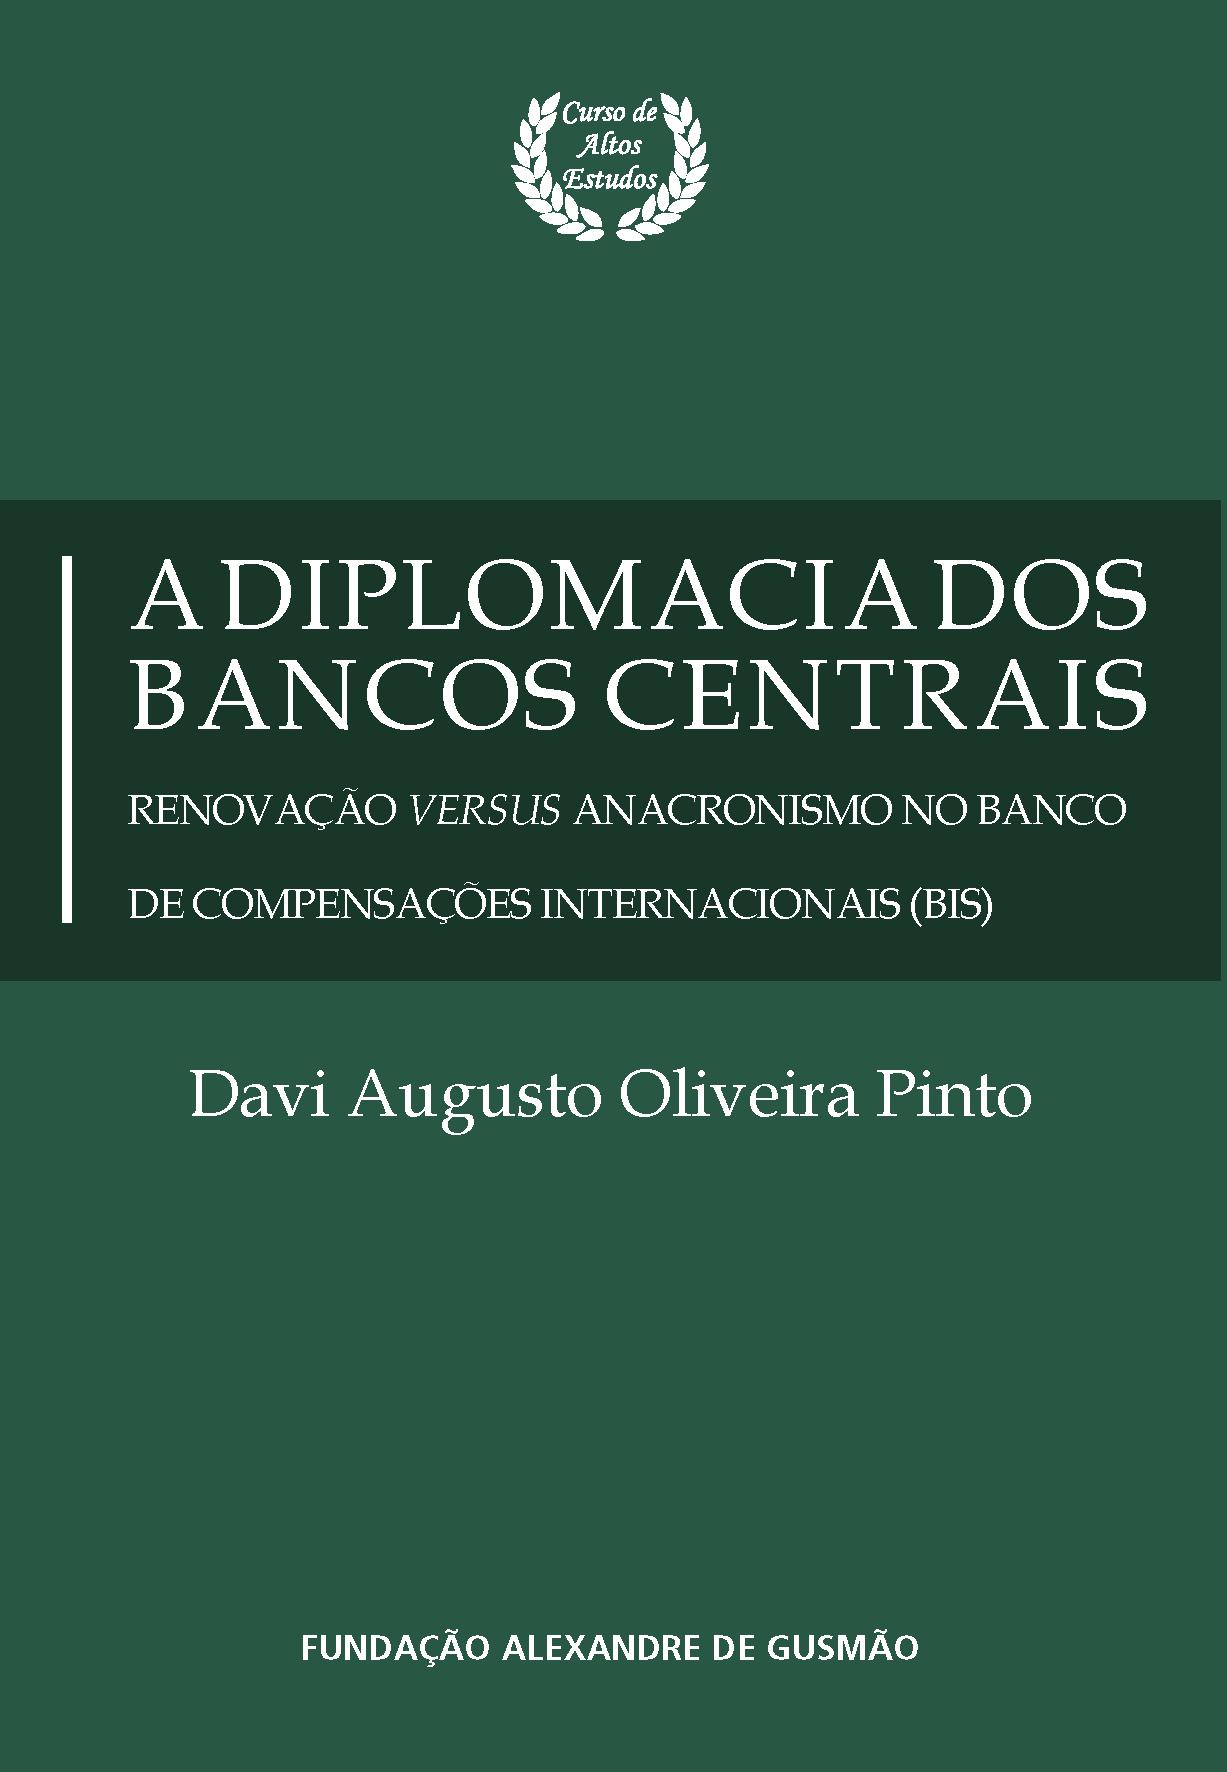 A diplomacia dos bancos centrais: renovação versus anacronismo no Banco de Compensações Internacionais (BIS)